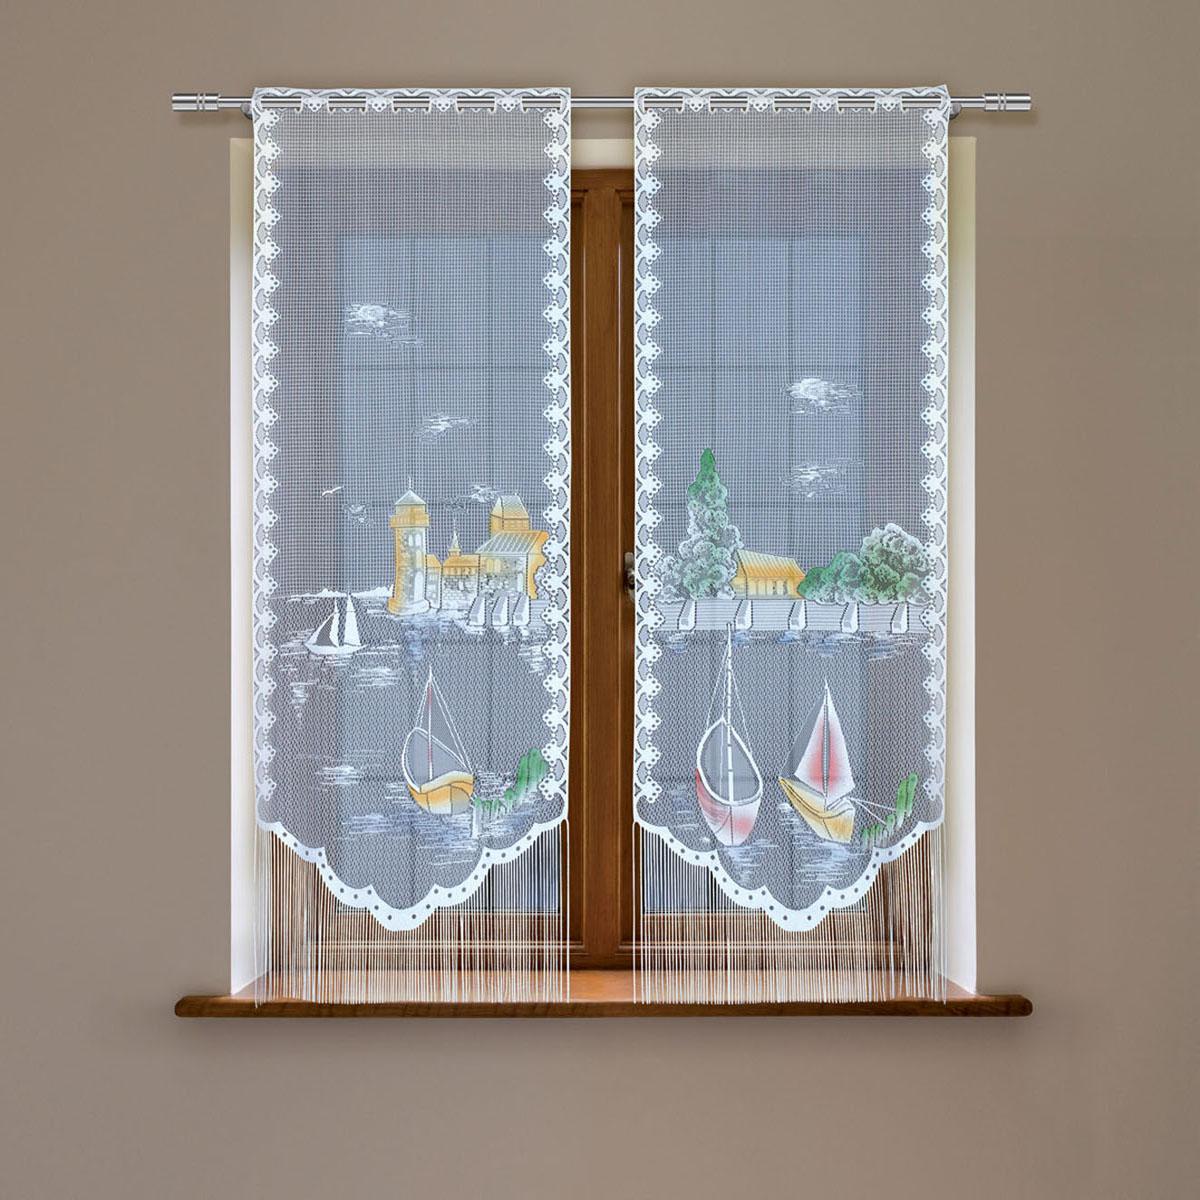 Гардина Haft, цвет: белый, высота 160 см. 5380С/605380С/60Гардина имеет в верхней части полотна прорези, через которые гардина-витраж вывешивается на карниз или можно крепить на зажим для штор,котрый в комплект не входит.Комплект состоит из двух полотен (выс.160* шир.60) Размеры: (высота 160* ширина 60)*2